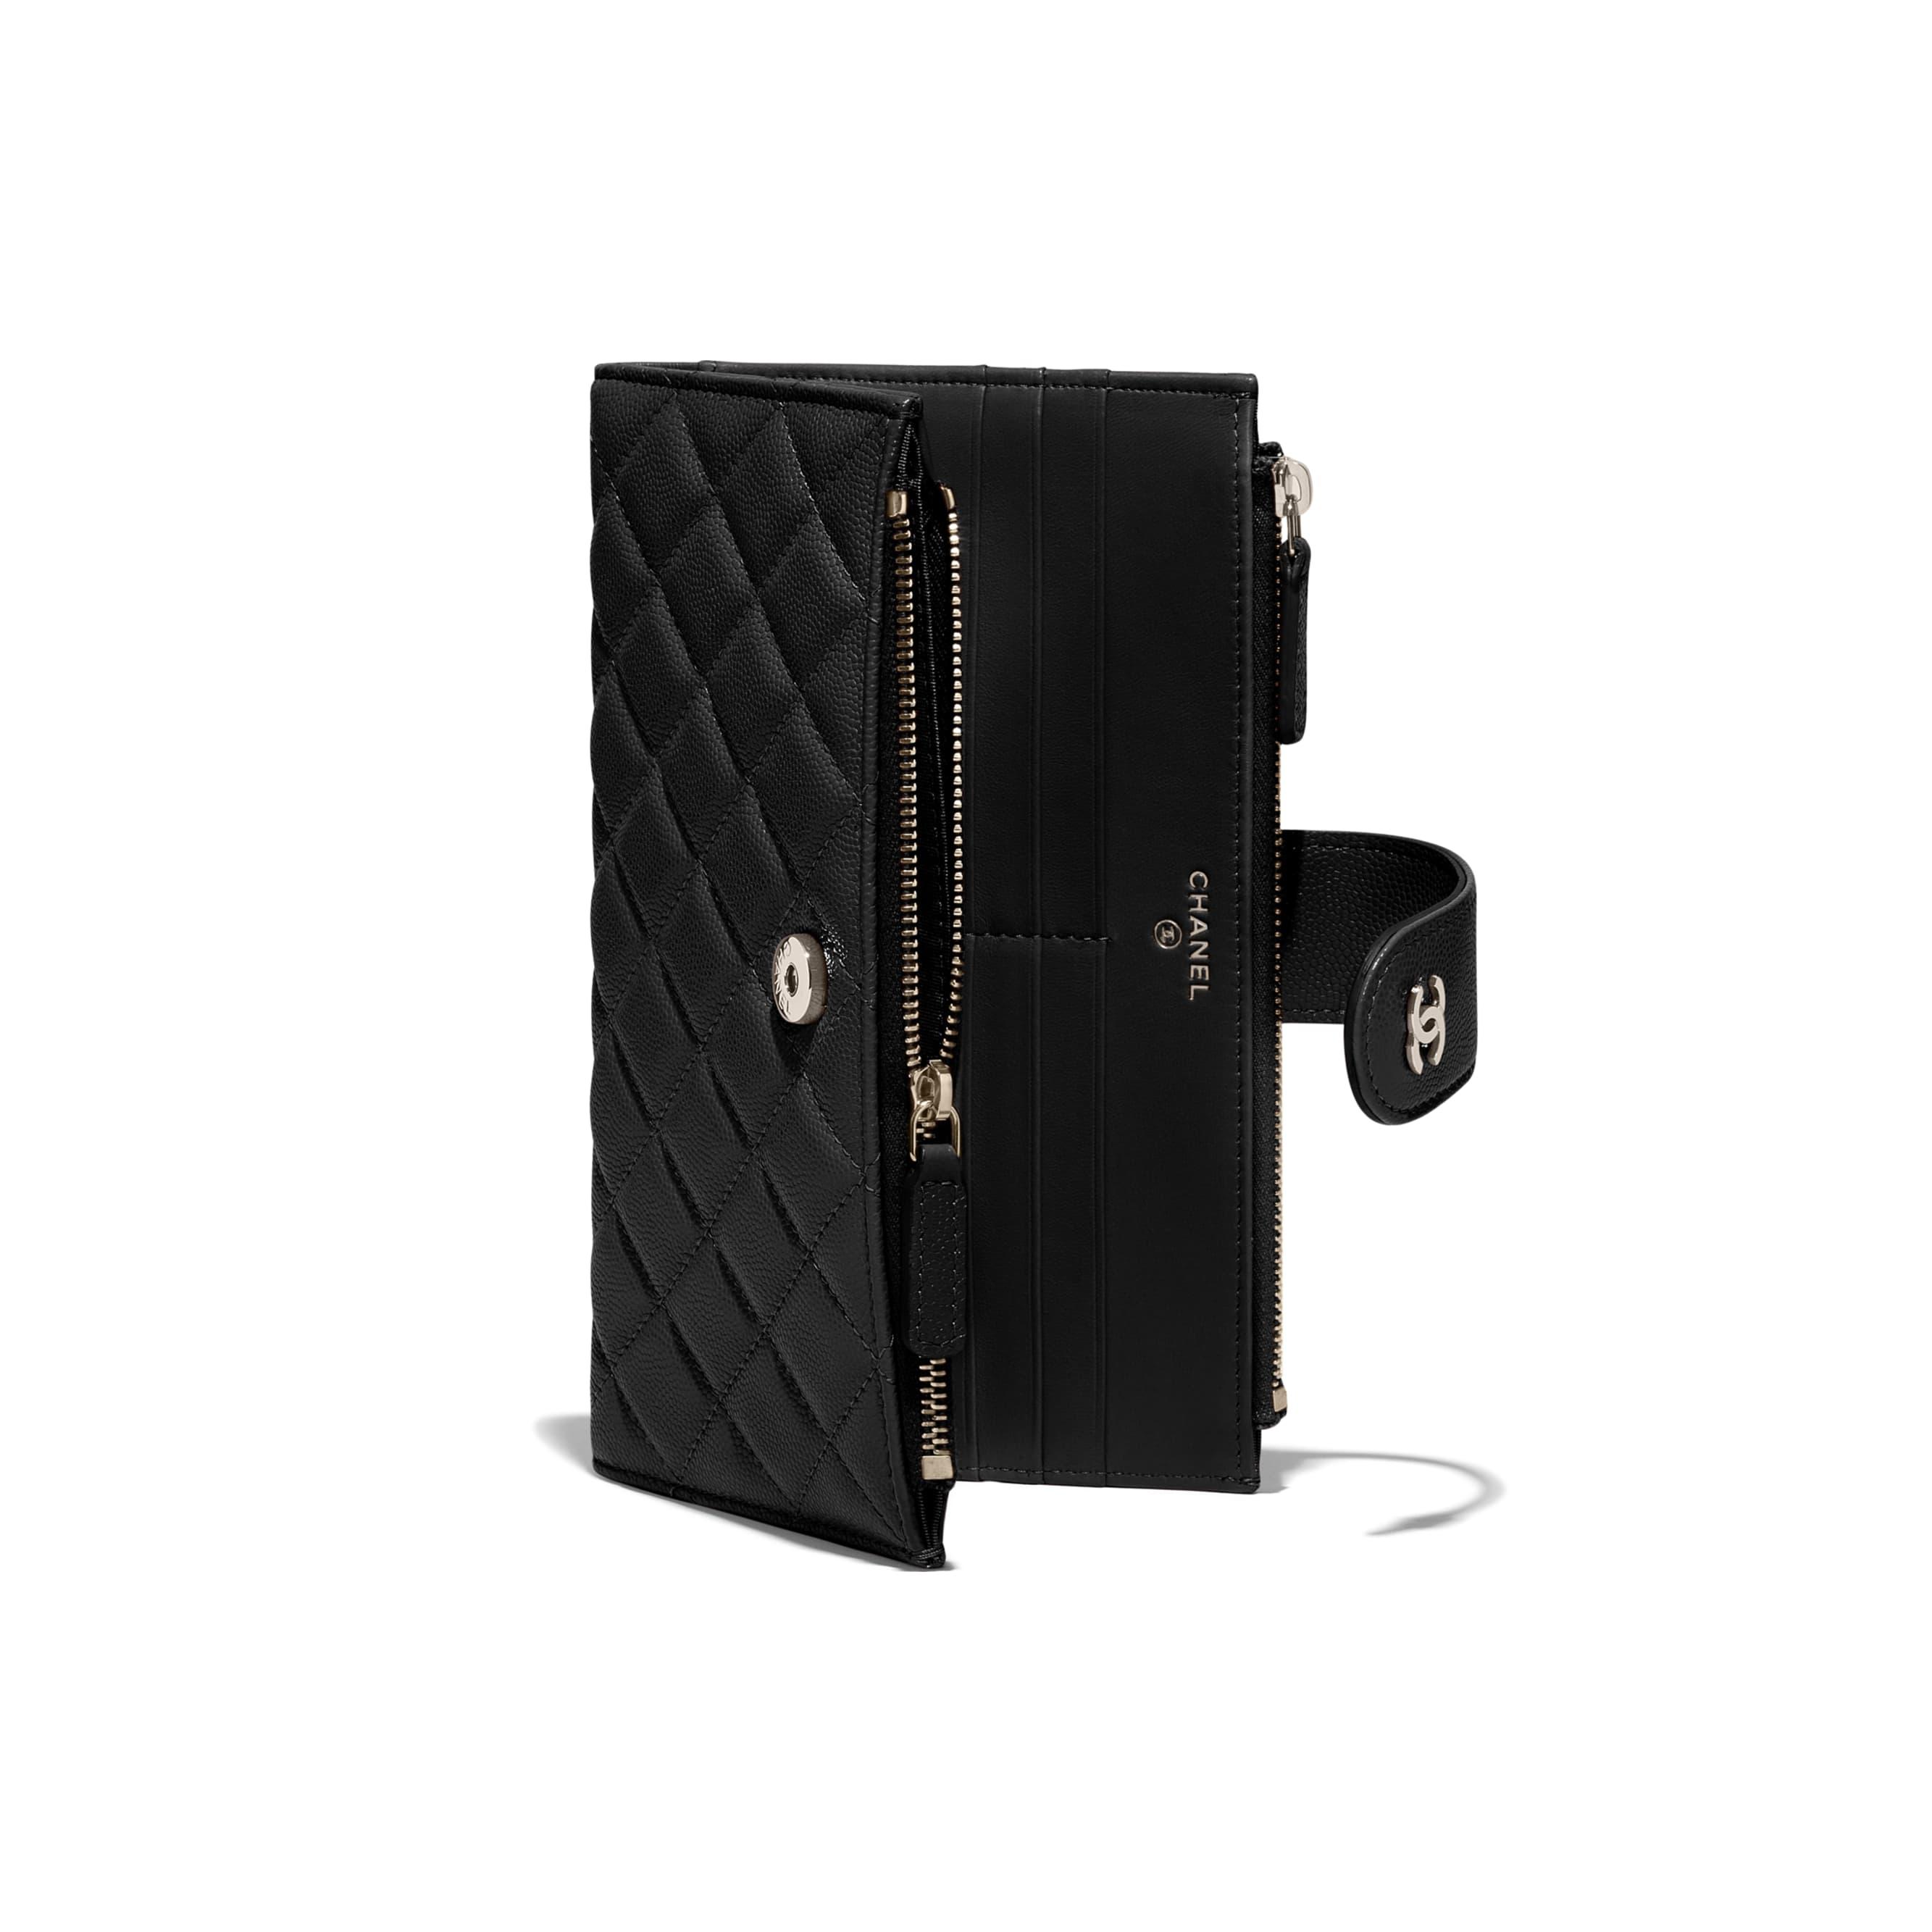 Long portefeuille zippé classique - Noir - Veau grainé & métal doré - CHANEL - Vue supplémentaire - voir la version taille standard